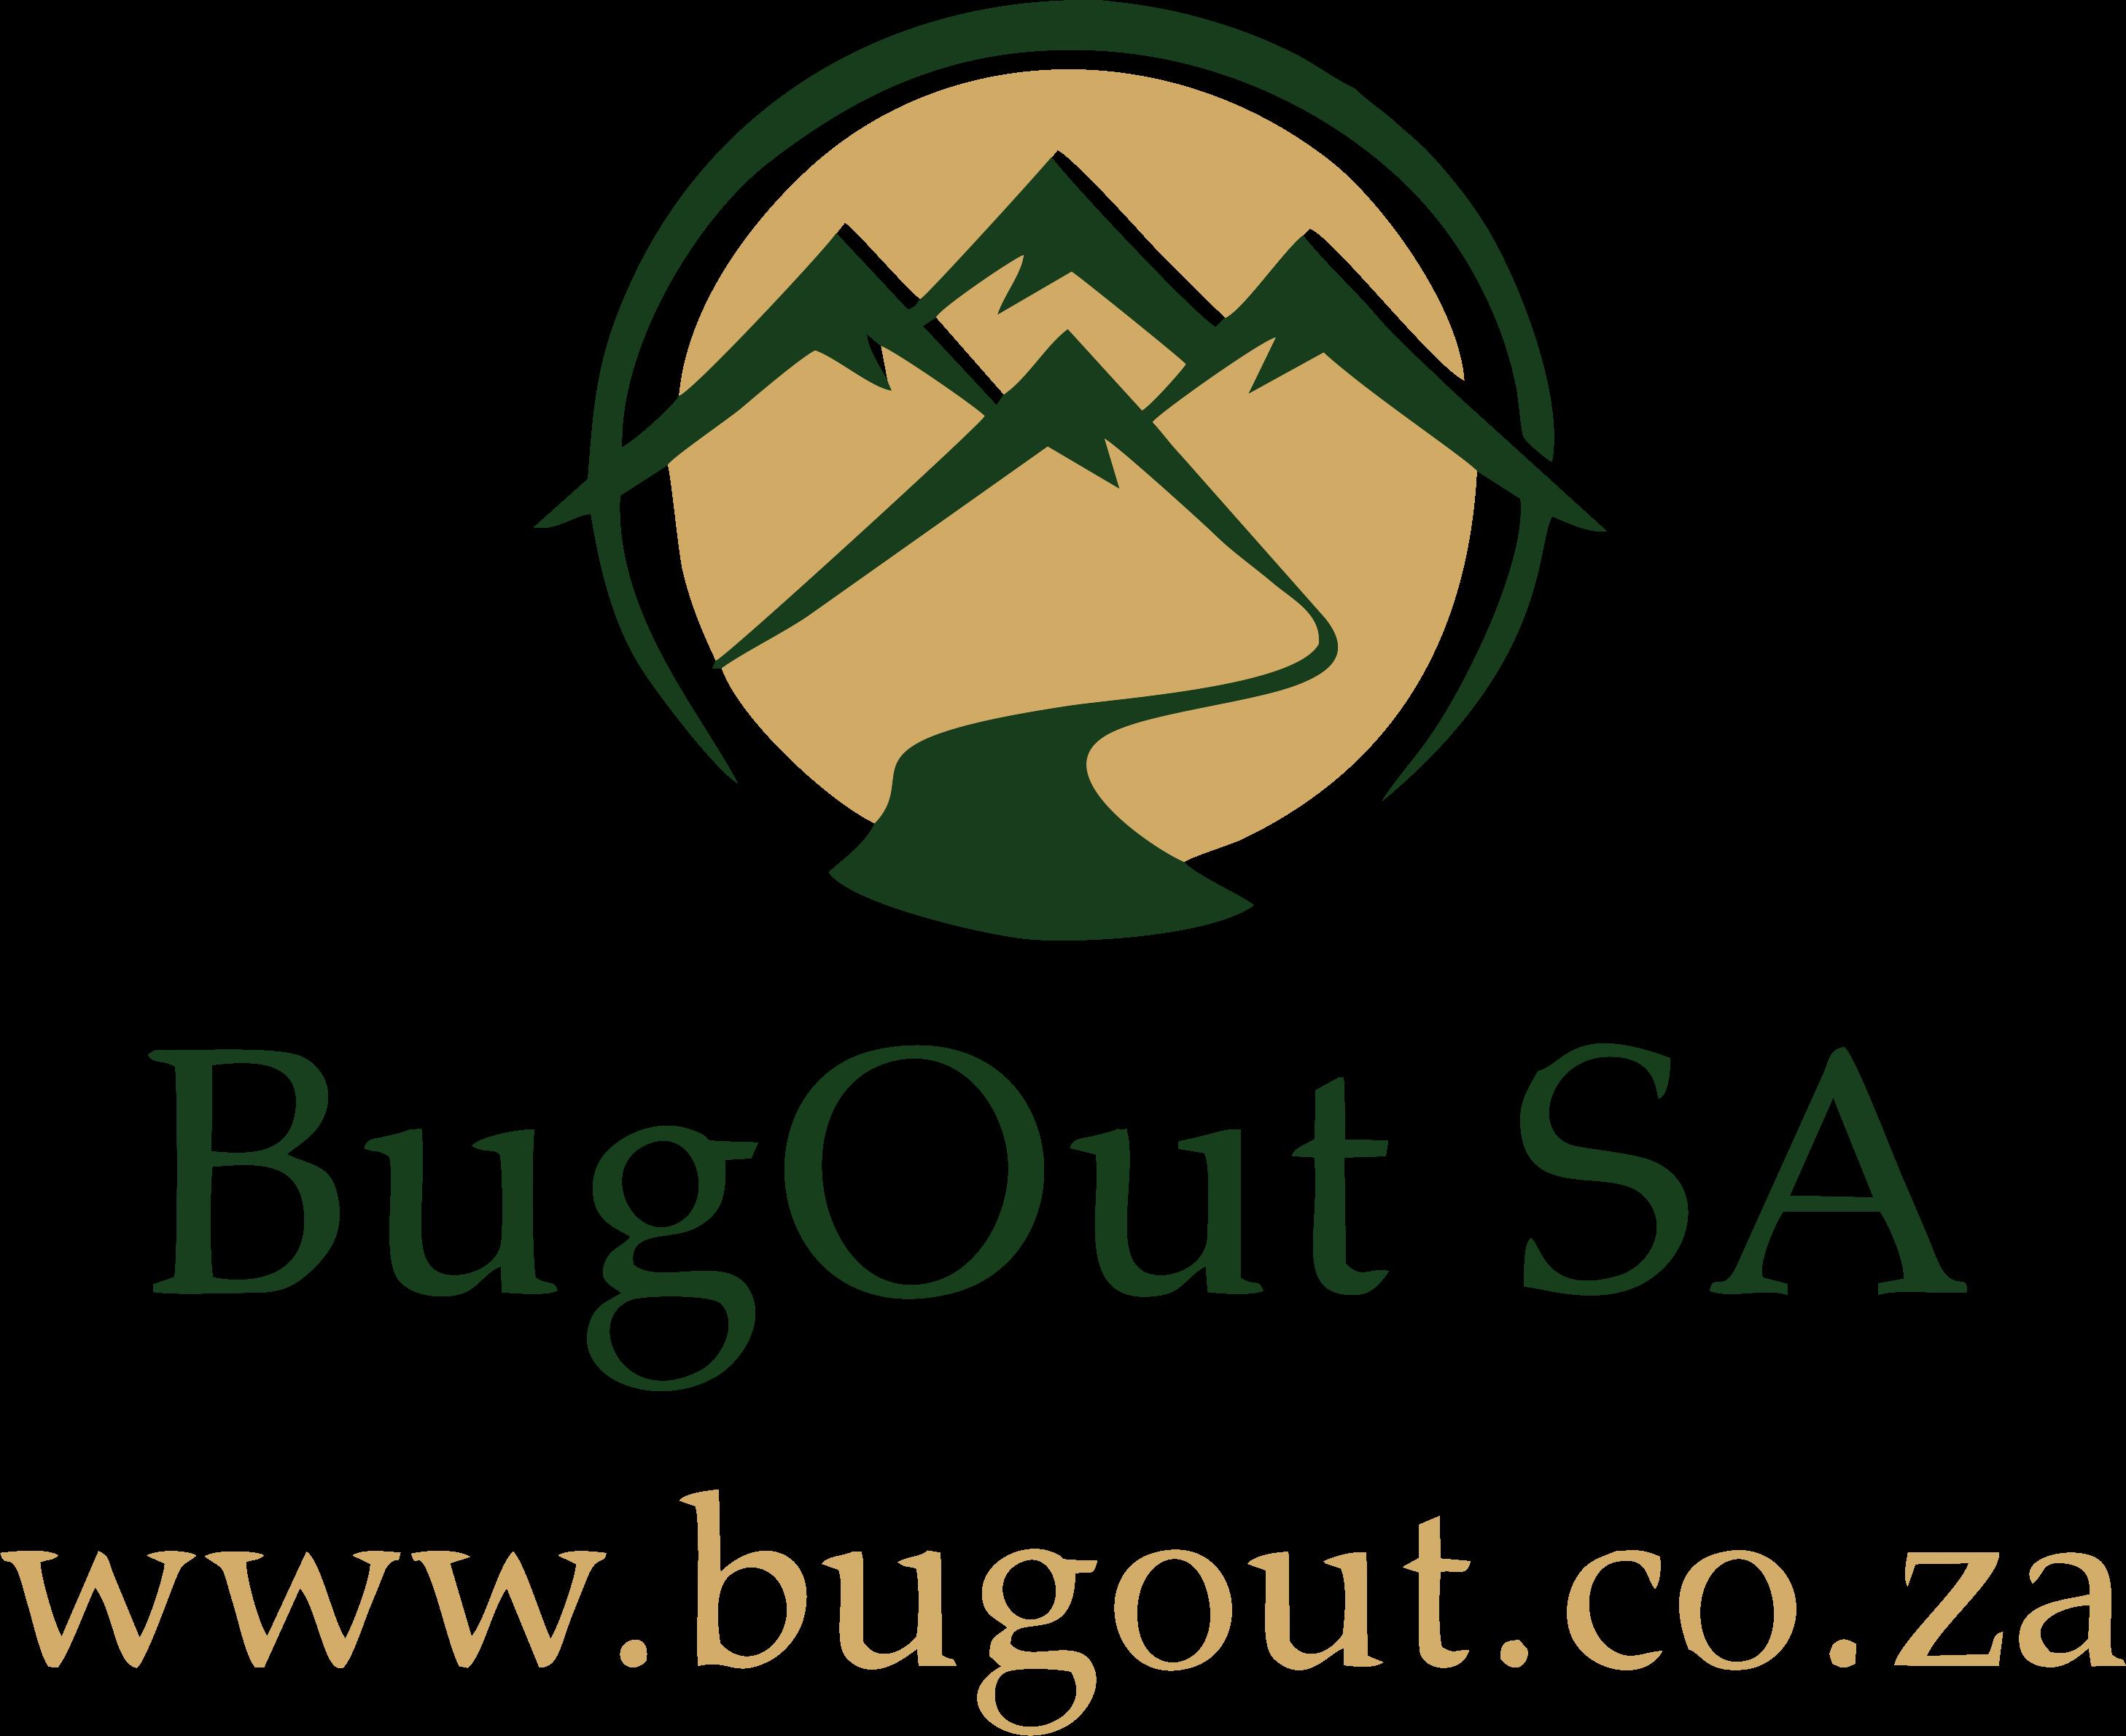 Bug Out Sa